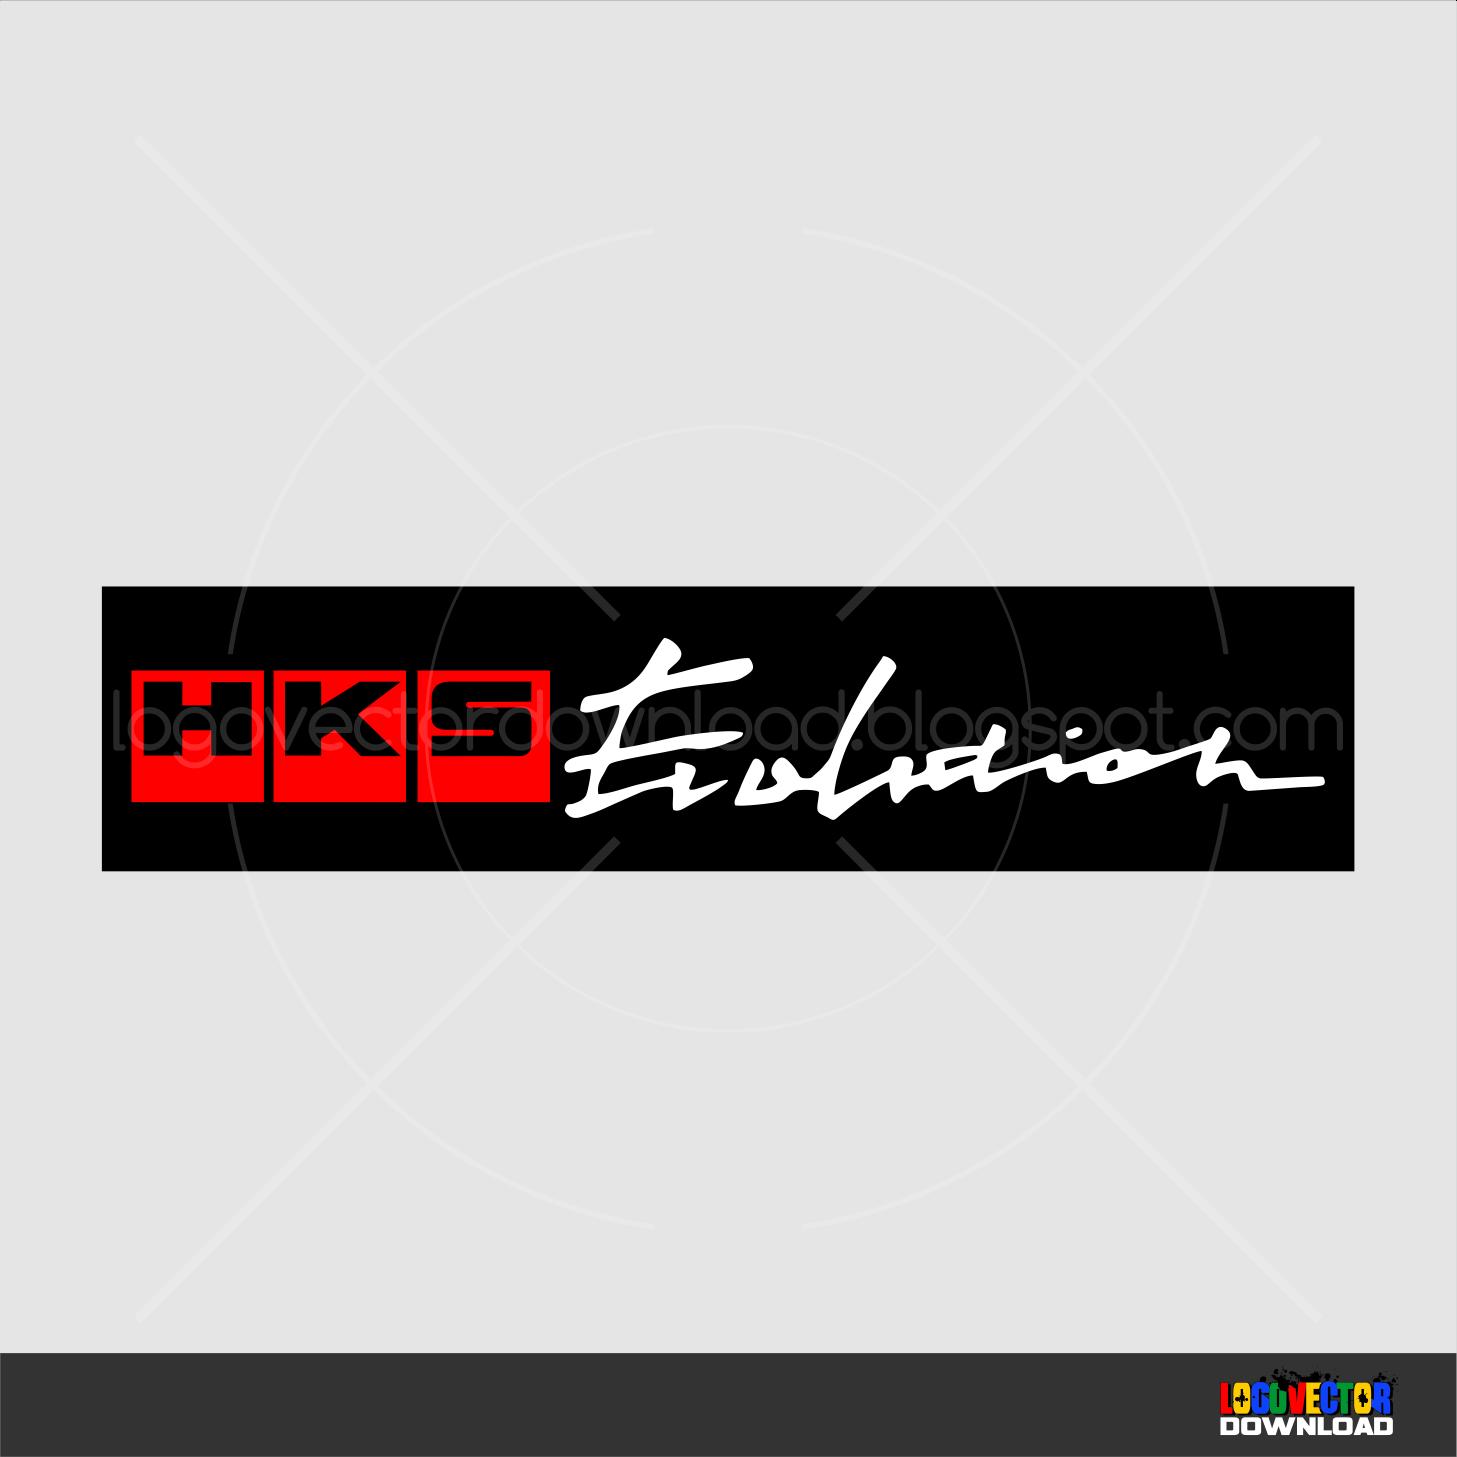 HKS Evolution Logo  freebiesupplycom